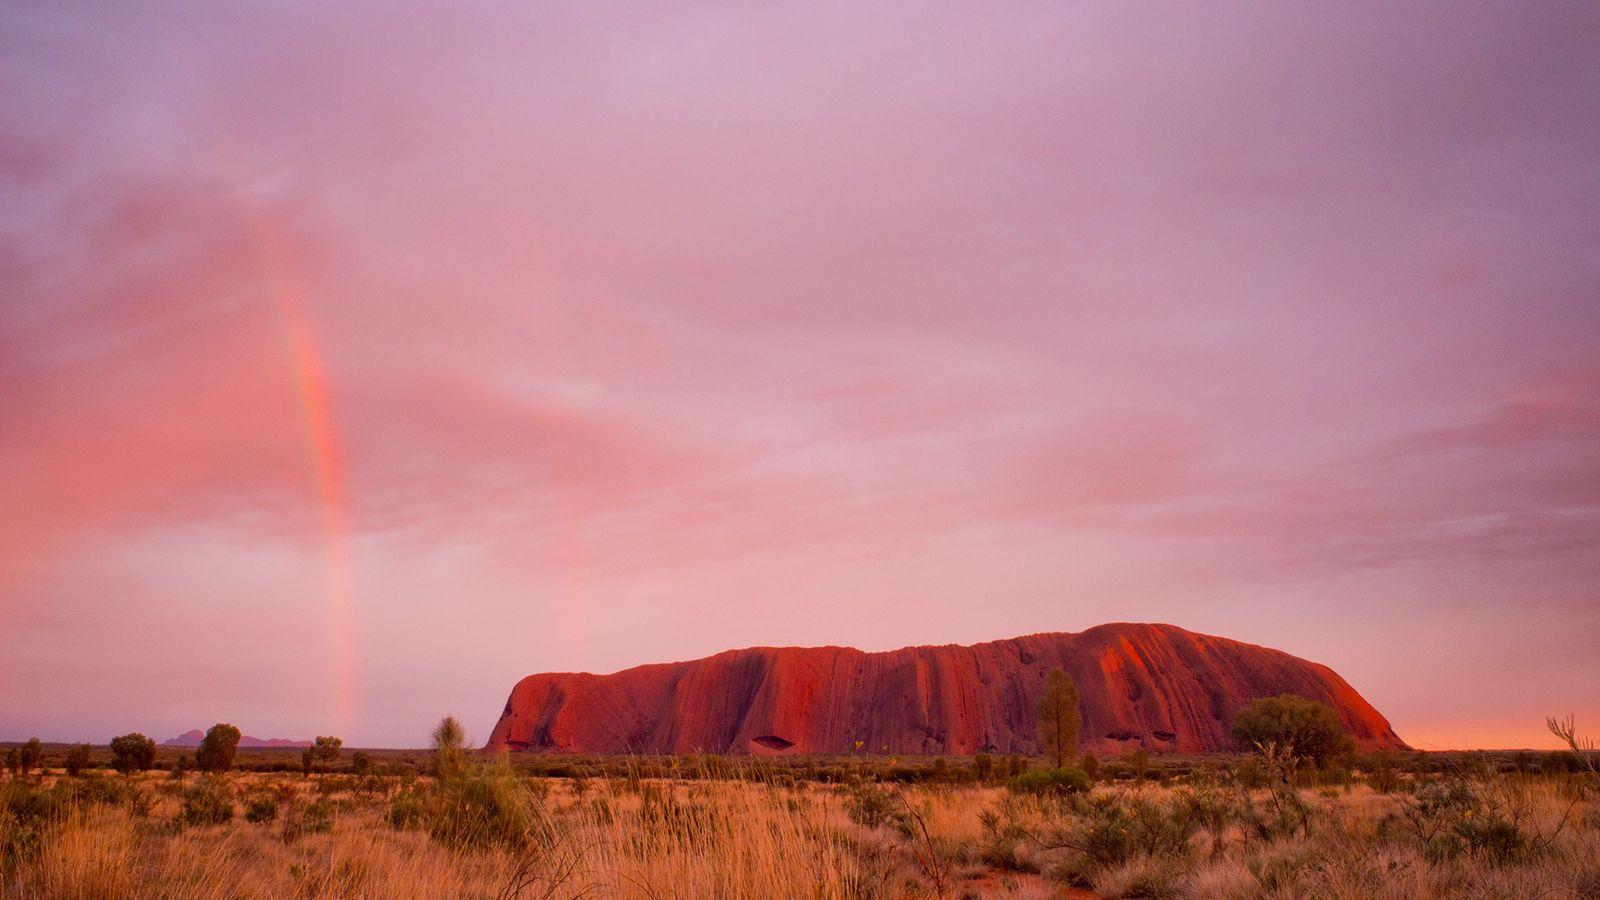 L'ascension d'Uluru sera bientôt fermée aux randonneurs après des années de débat. Cet immense monolithe de ...